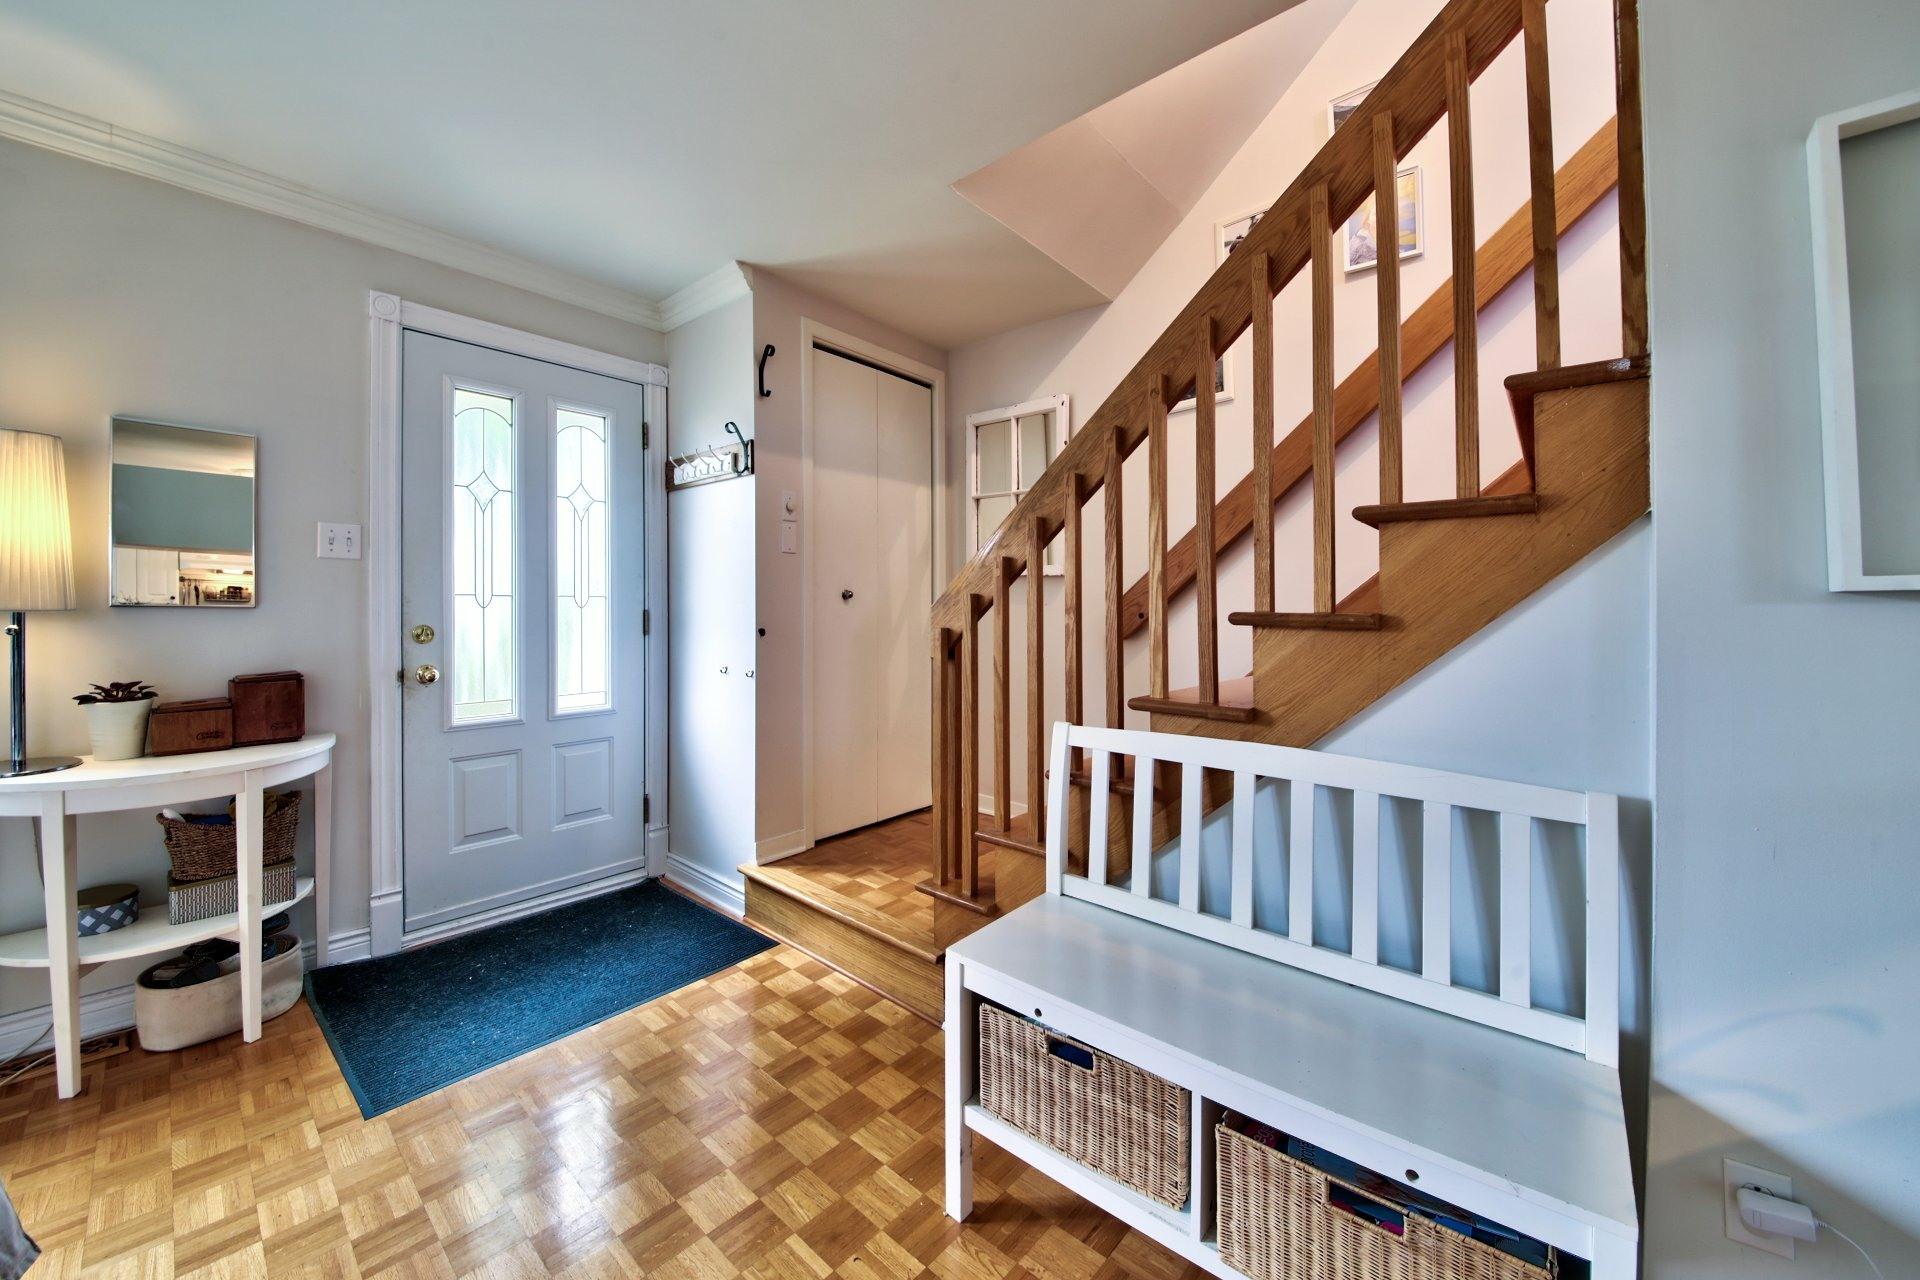 image 2 - Maison À vendre Sainte-Rose Laval  - 7 pièces